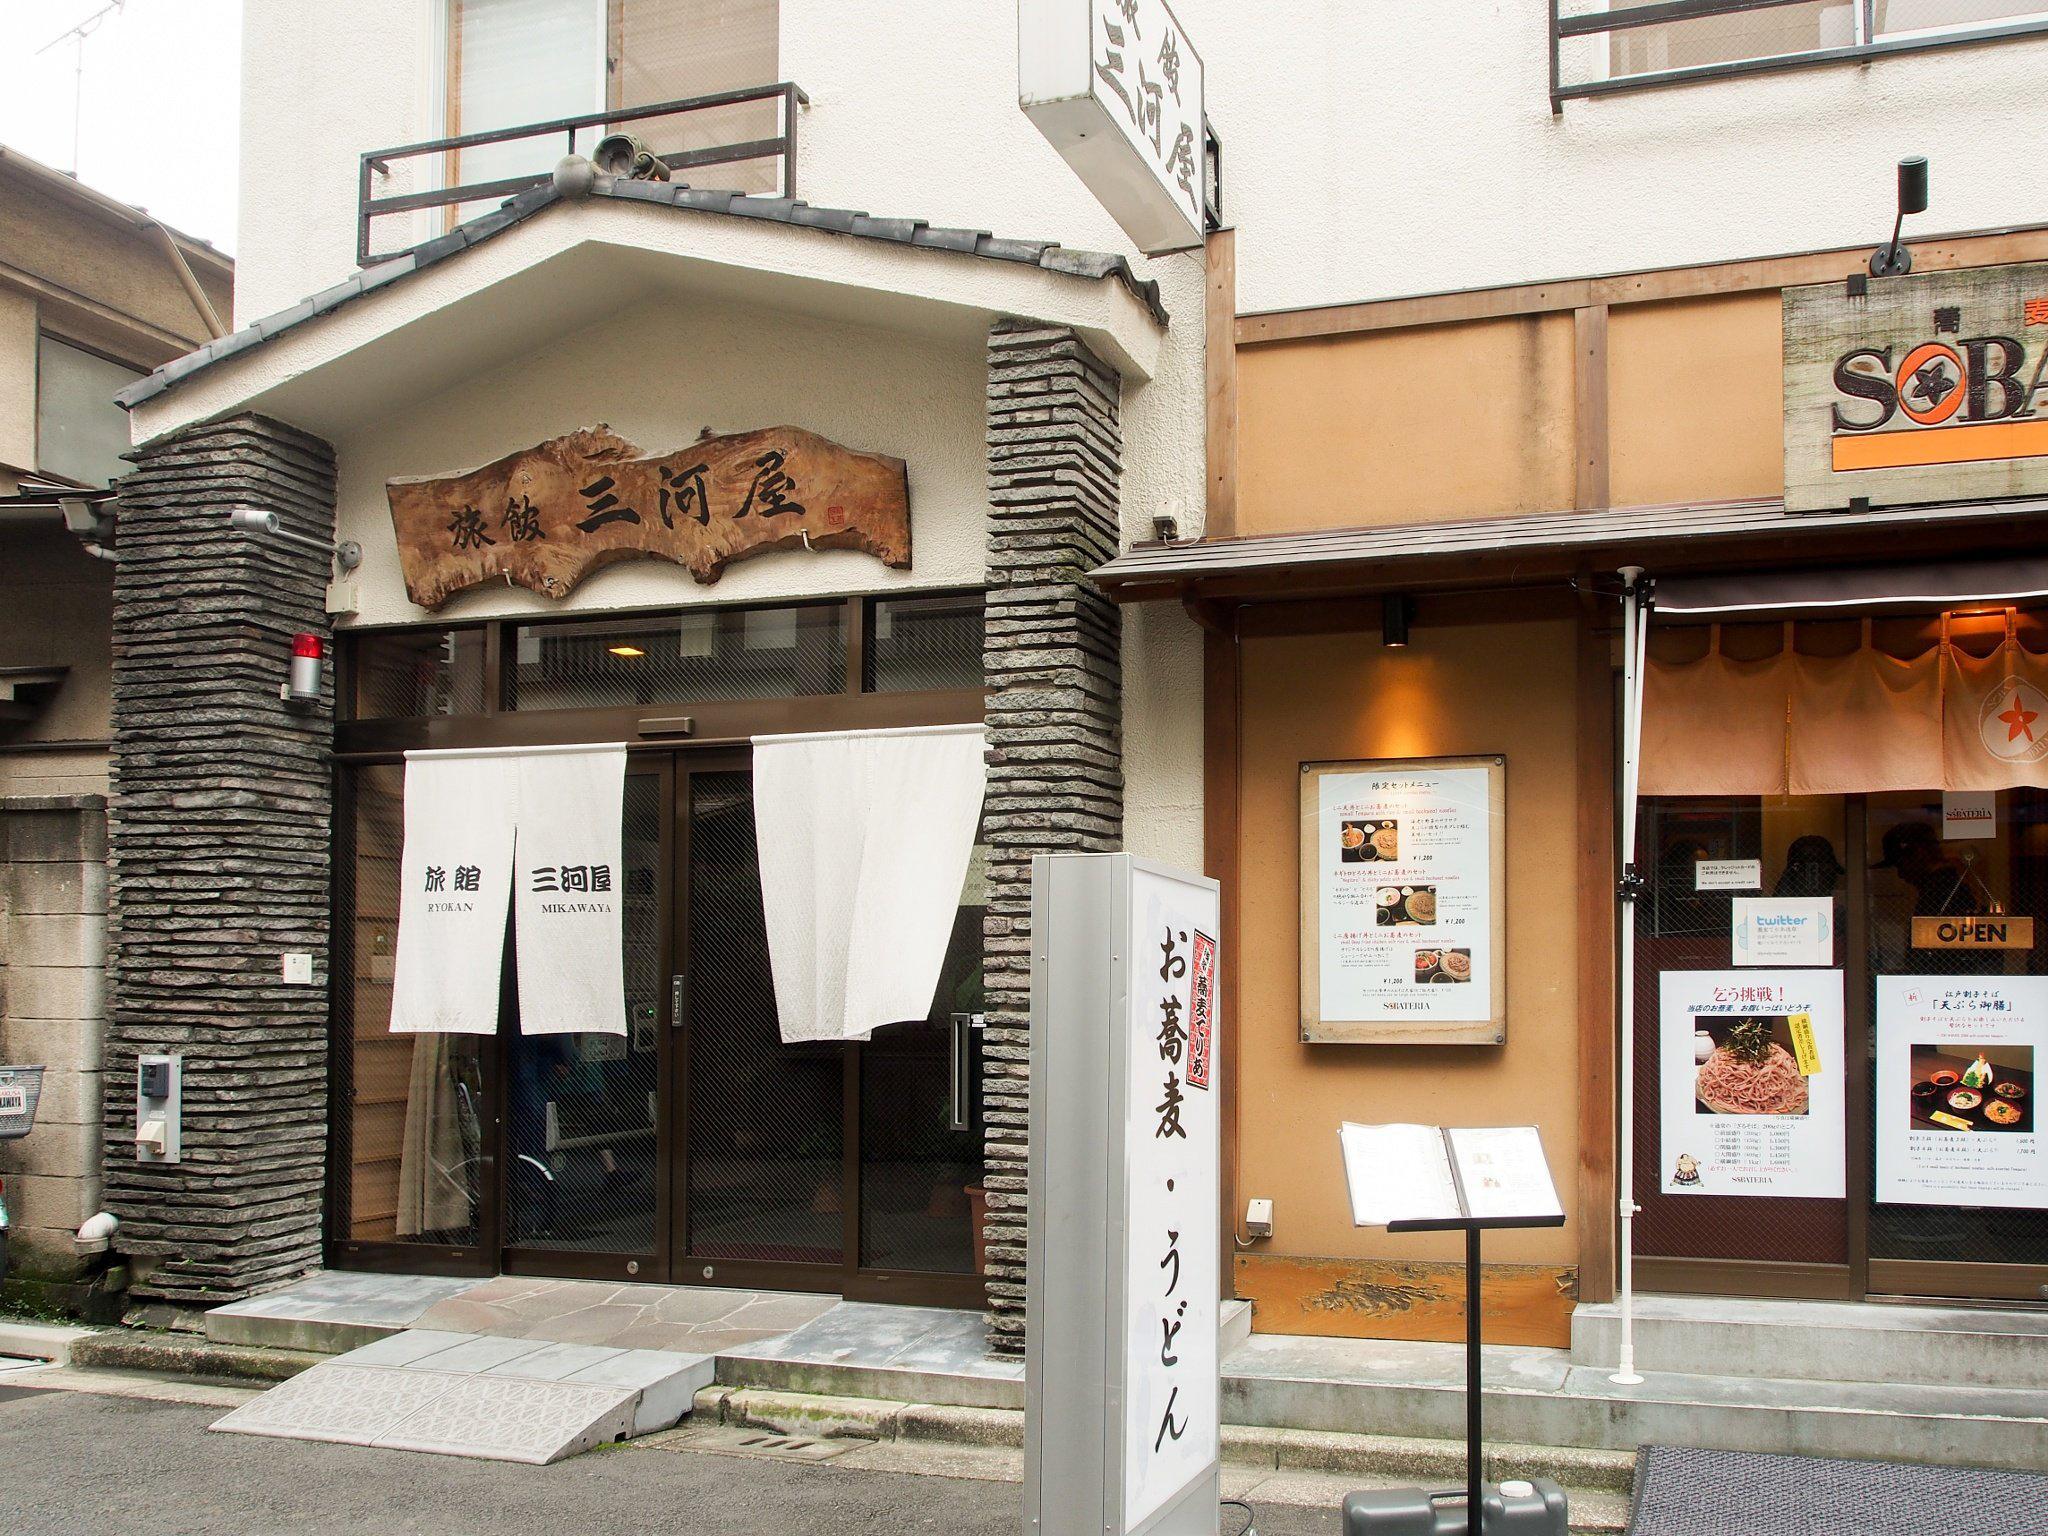 โรงแรมเรียวคัง อาซากุสะ มิคาวาย่า